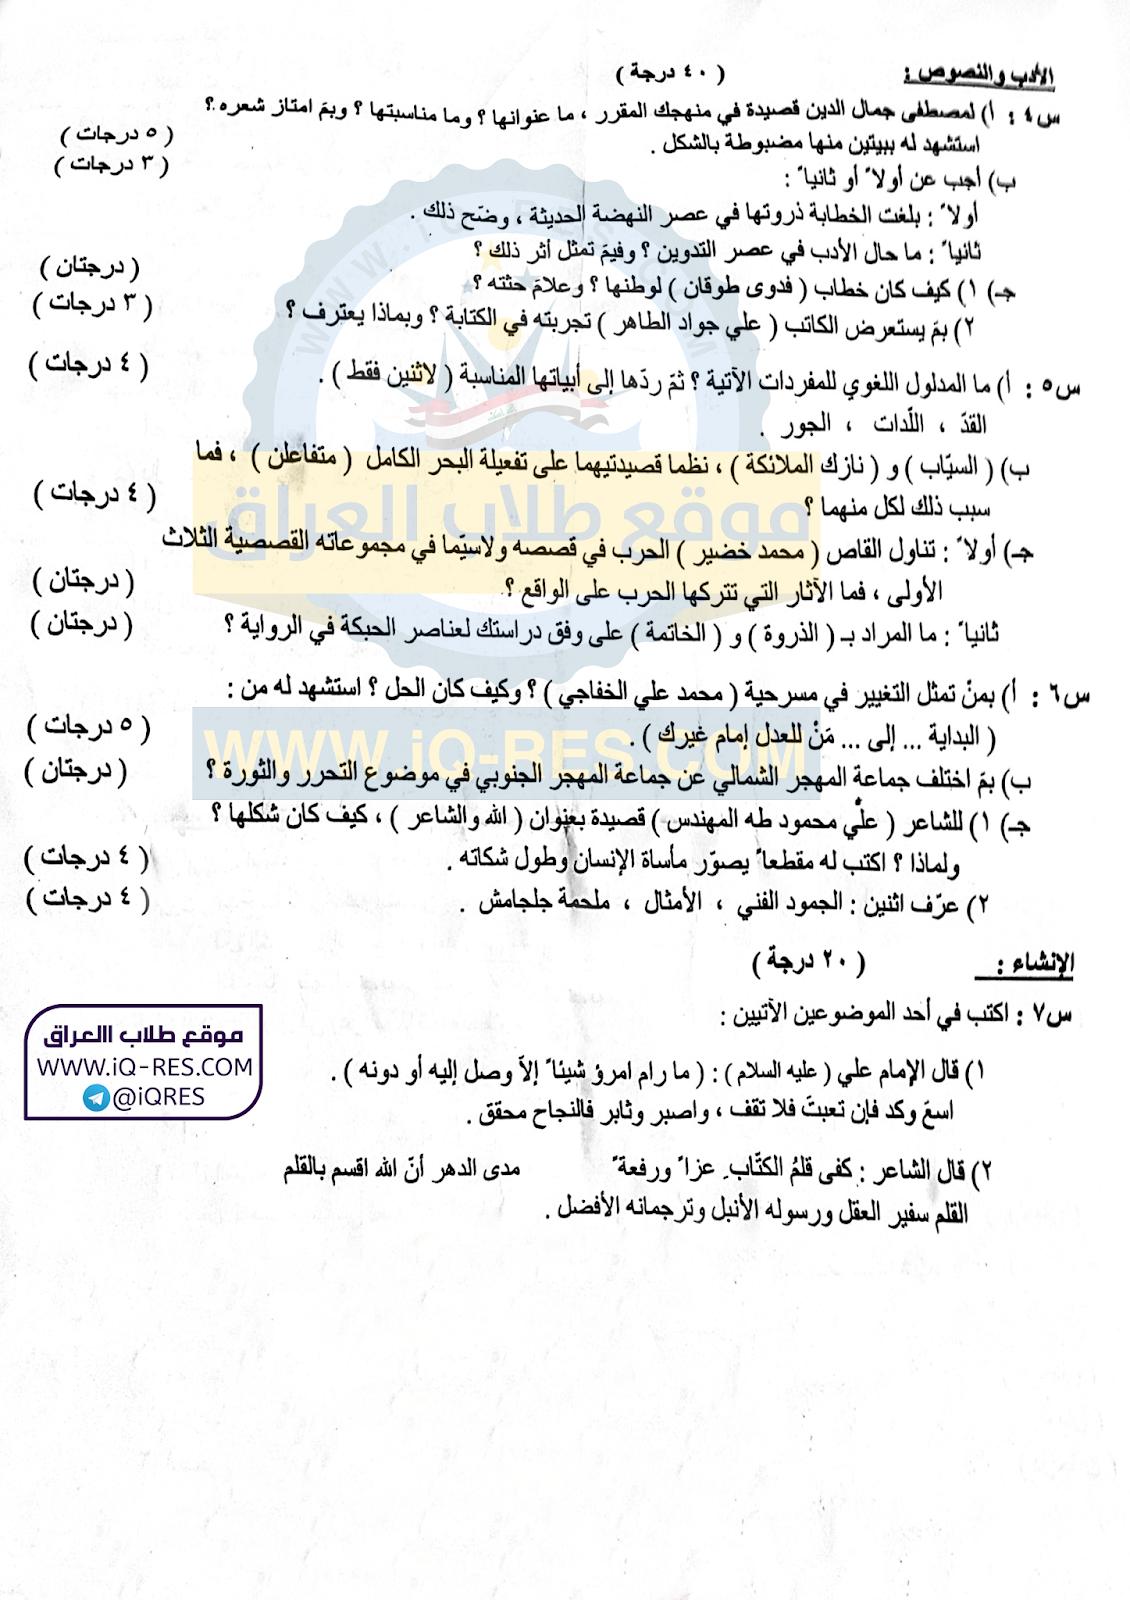 اسئلة مادة اللغة العربية للصف السادس العلمي 2019 الدور الاول %25D8%25B9%25D8%25B1%25D8%25A8%25D9%258A%2B%25D8%25B9%25D9%2584%25D9%2585%25D9%258A%2B2